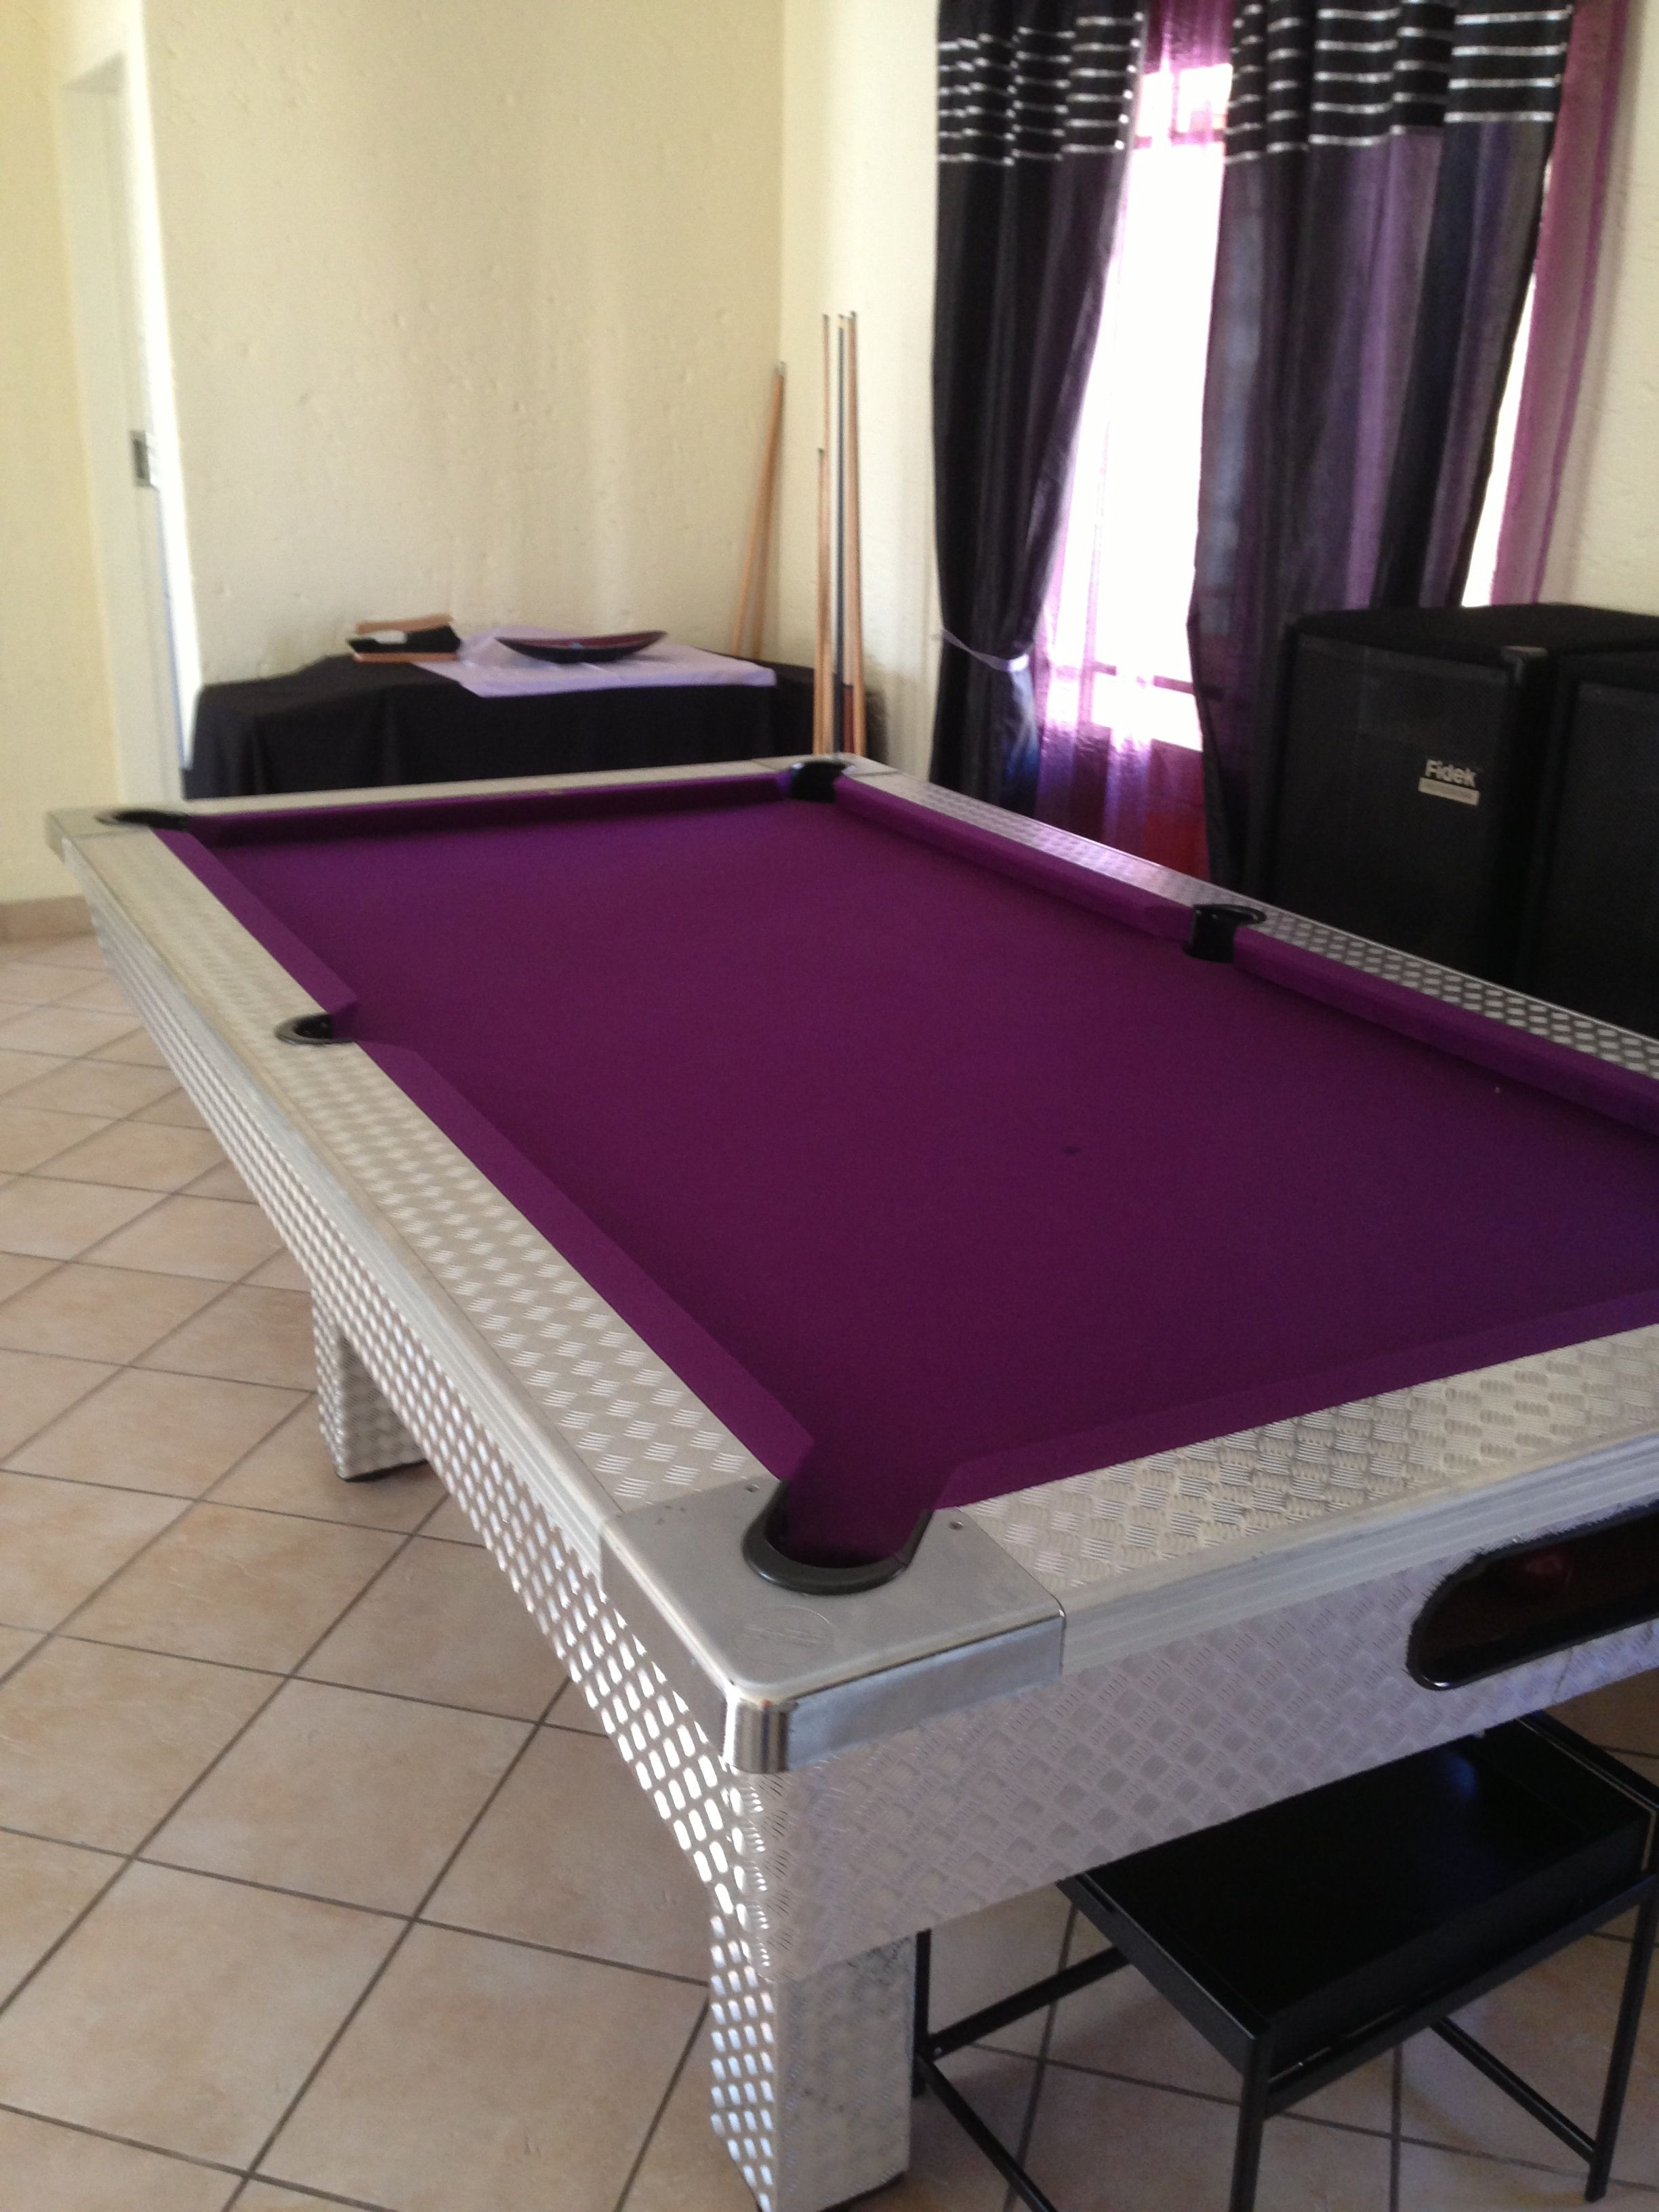 My Purple Pool Table   2